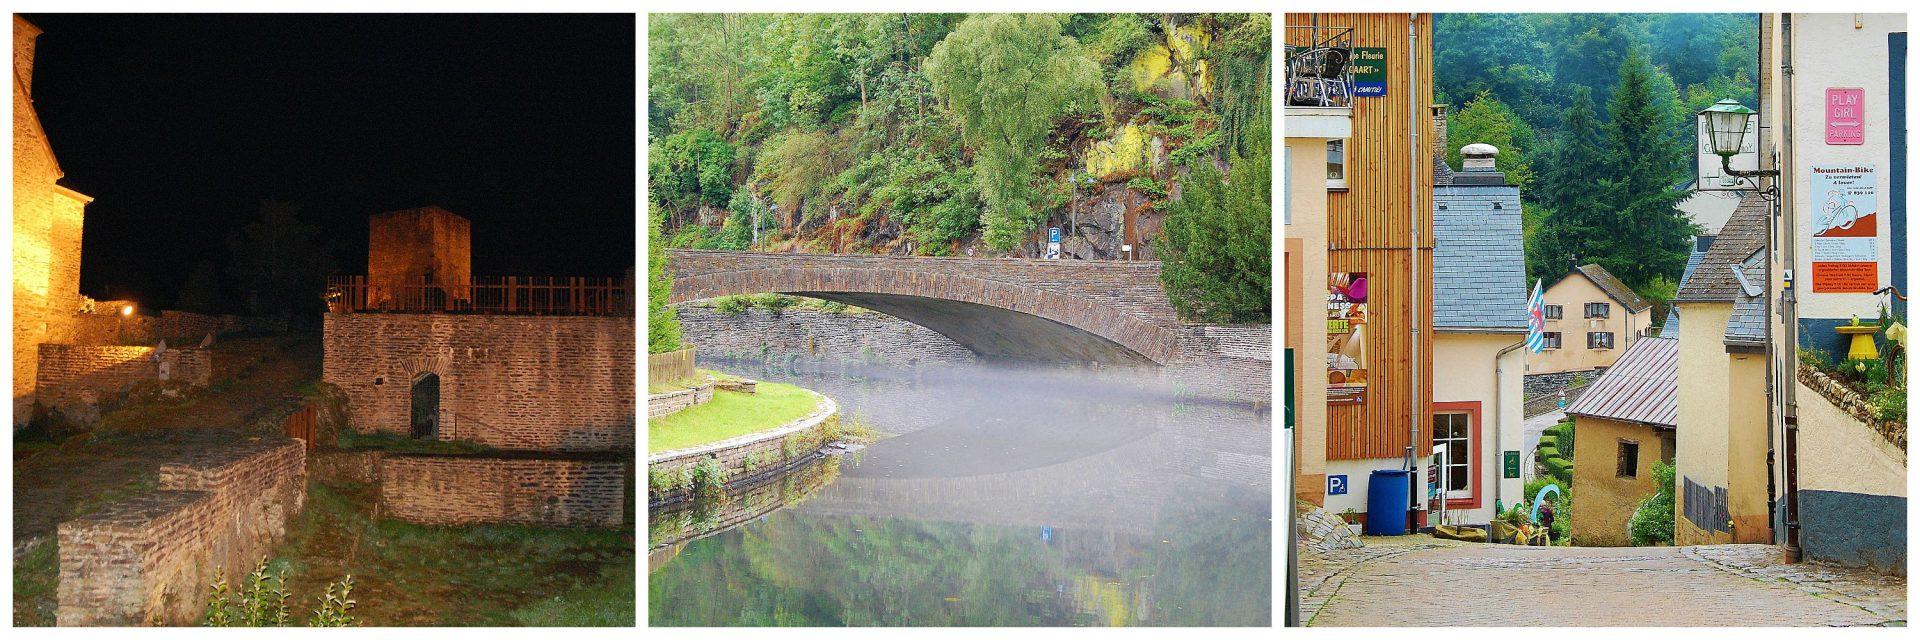 wandelen luxemburg klein zwitserland